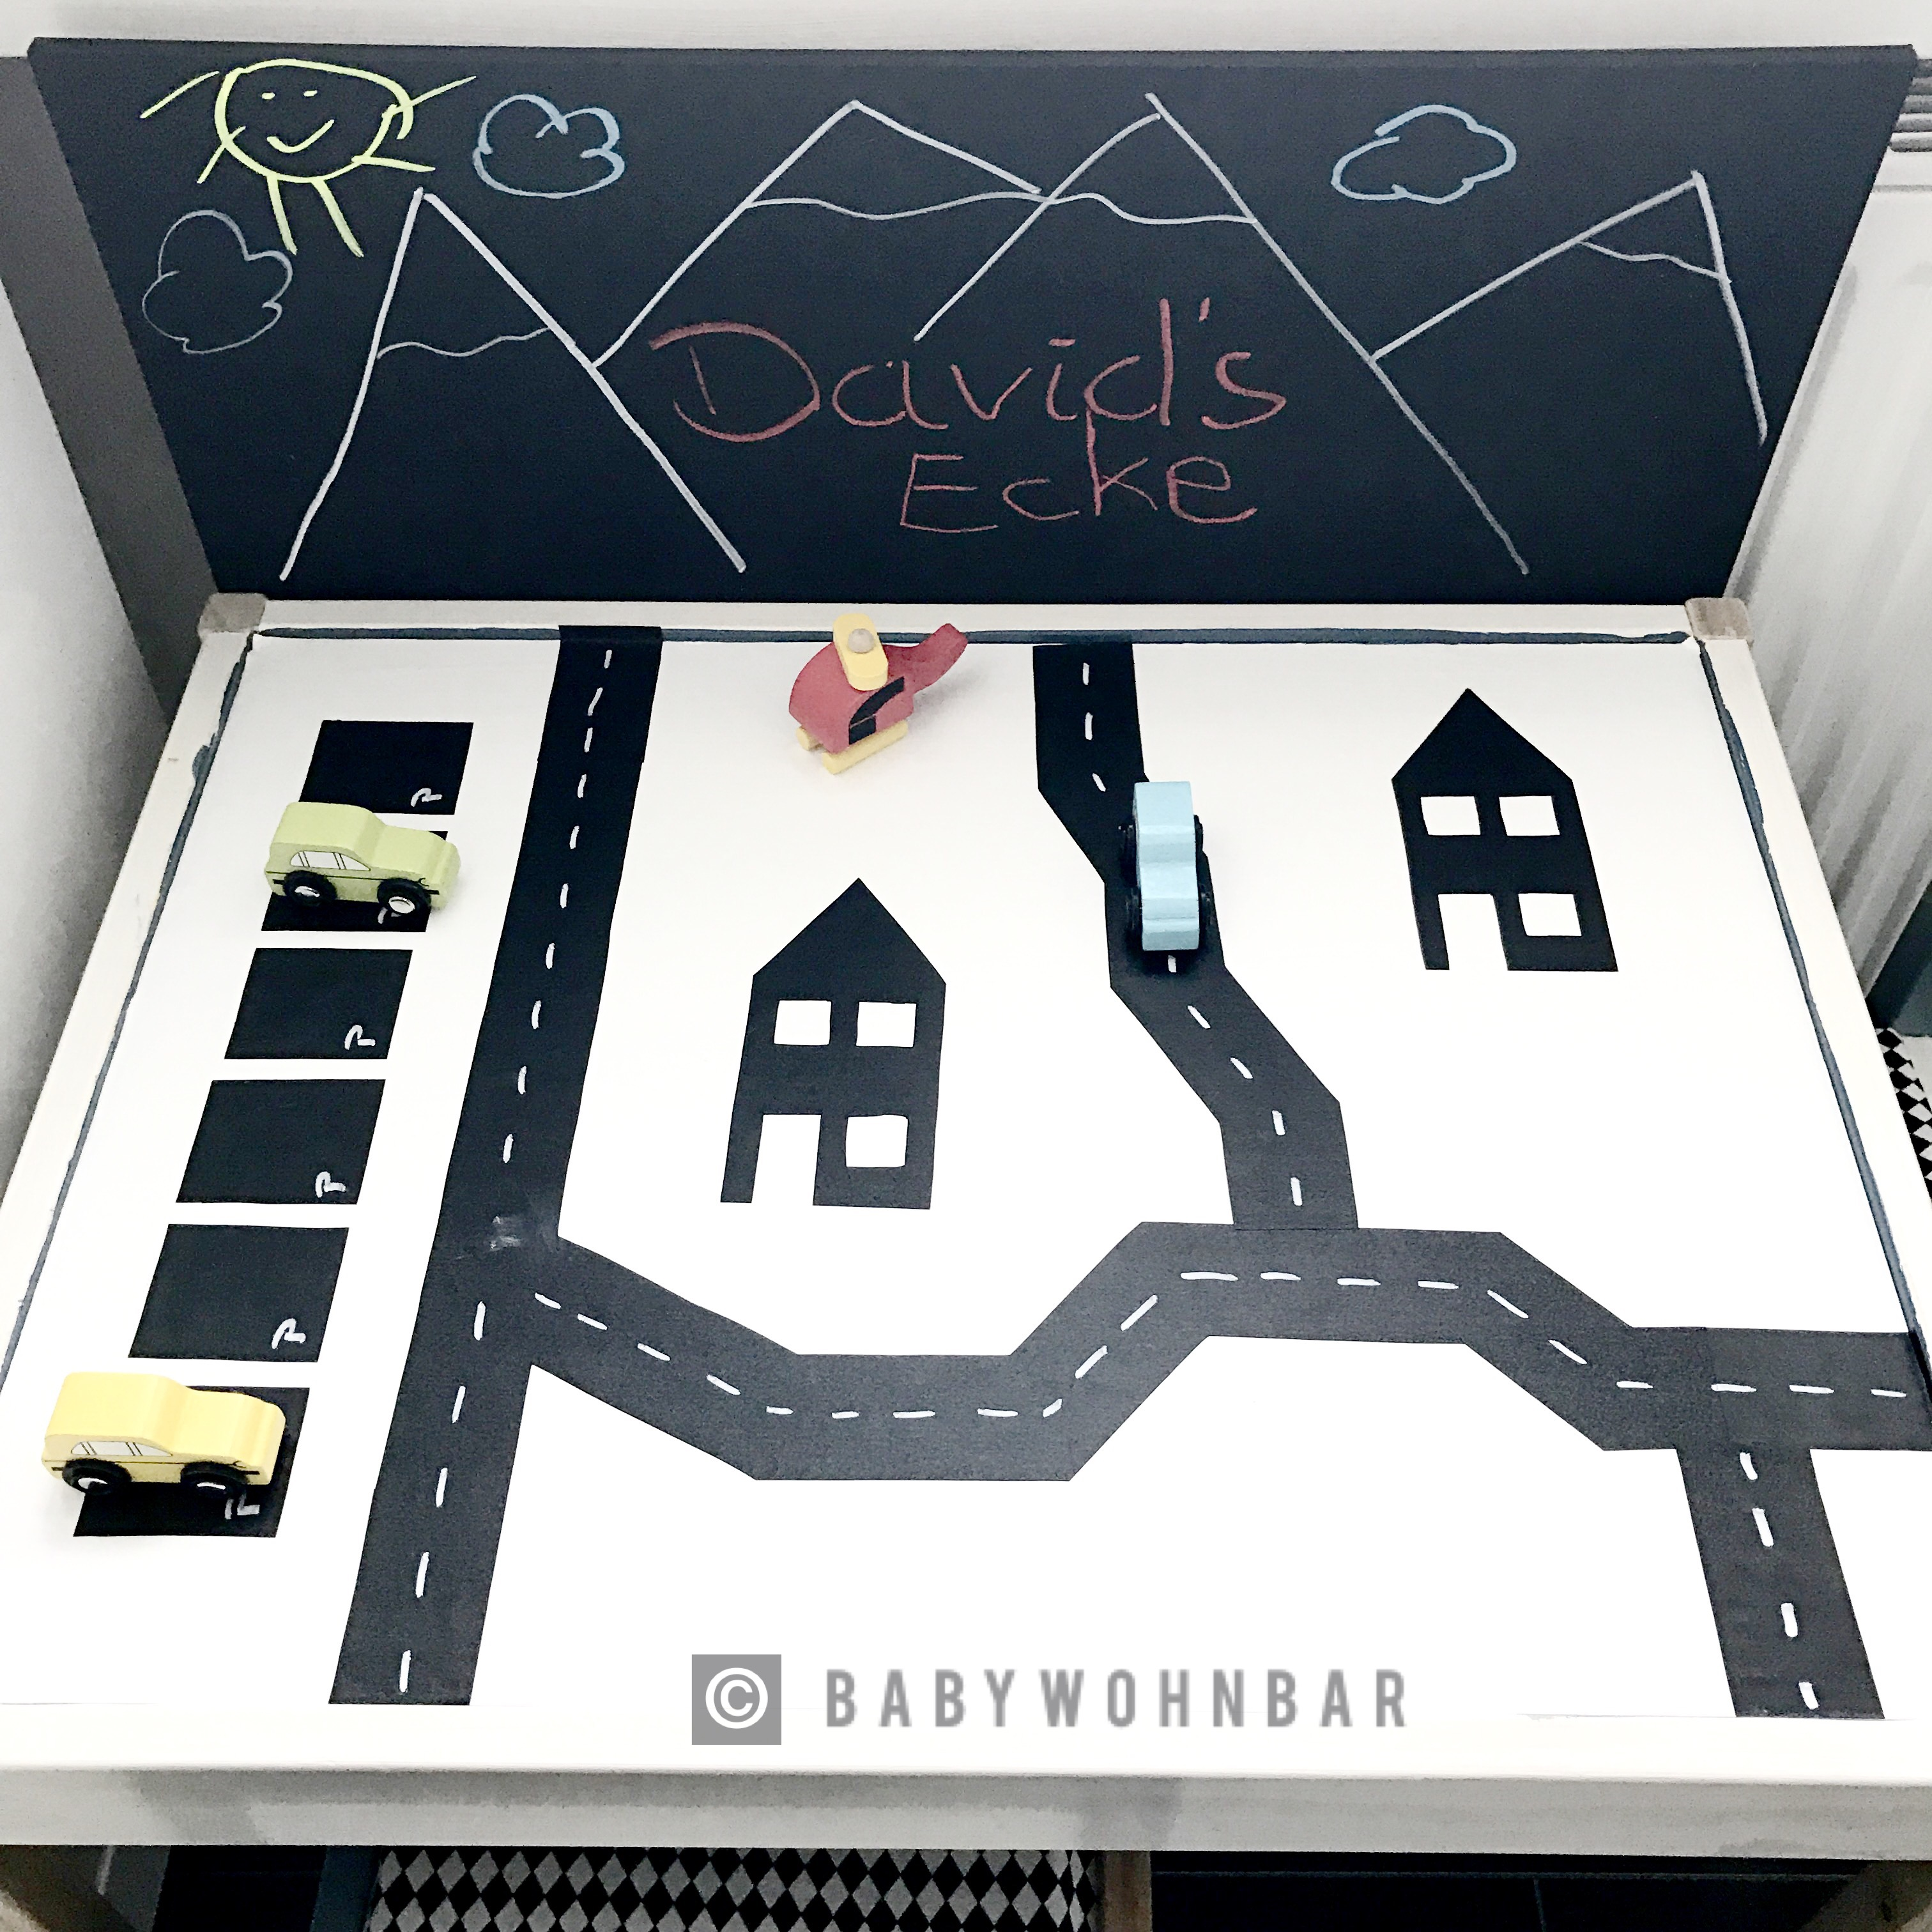 tafel babywohnbar. Black Bedroom Furniture Sets. Home Design Ideas